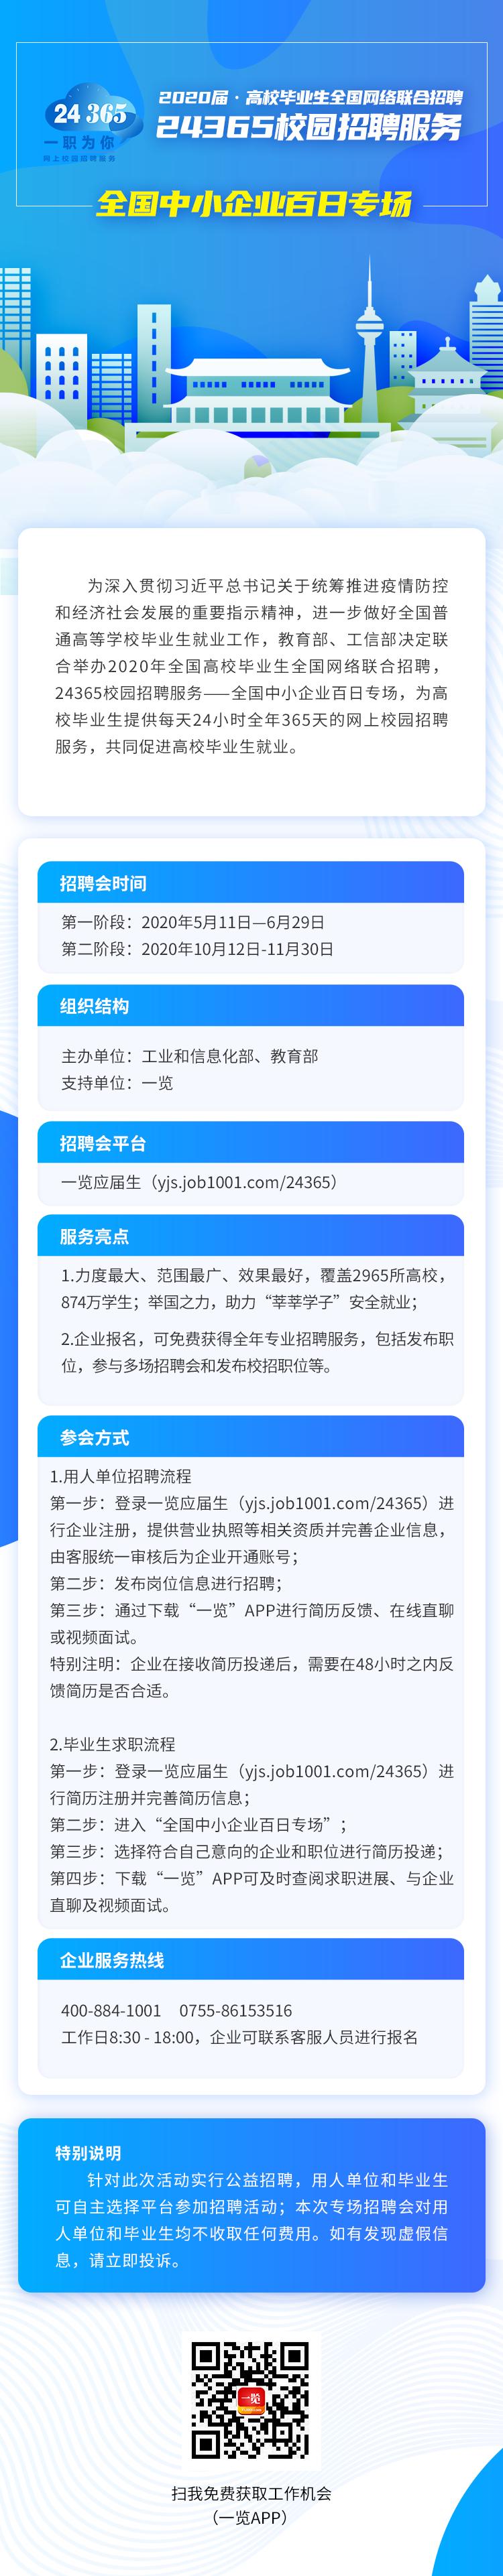 1589886427-BQT020K.png